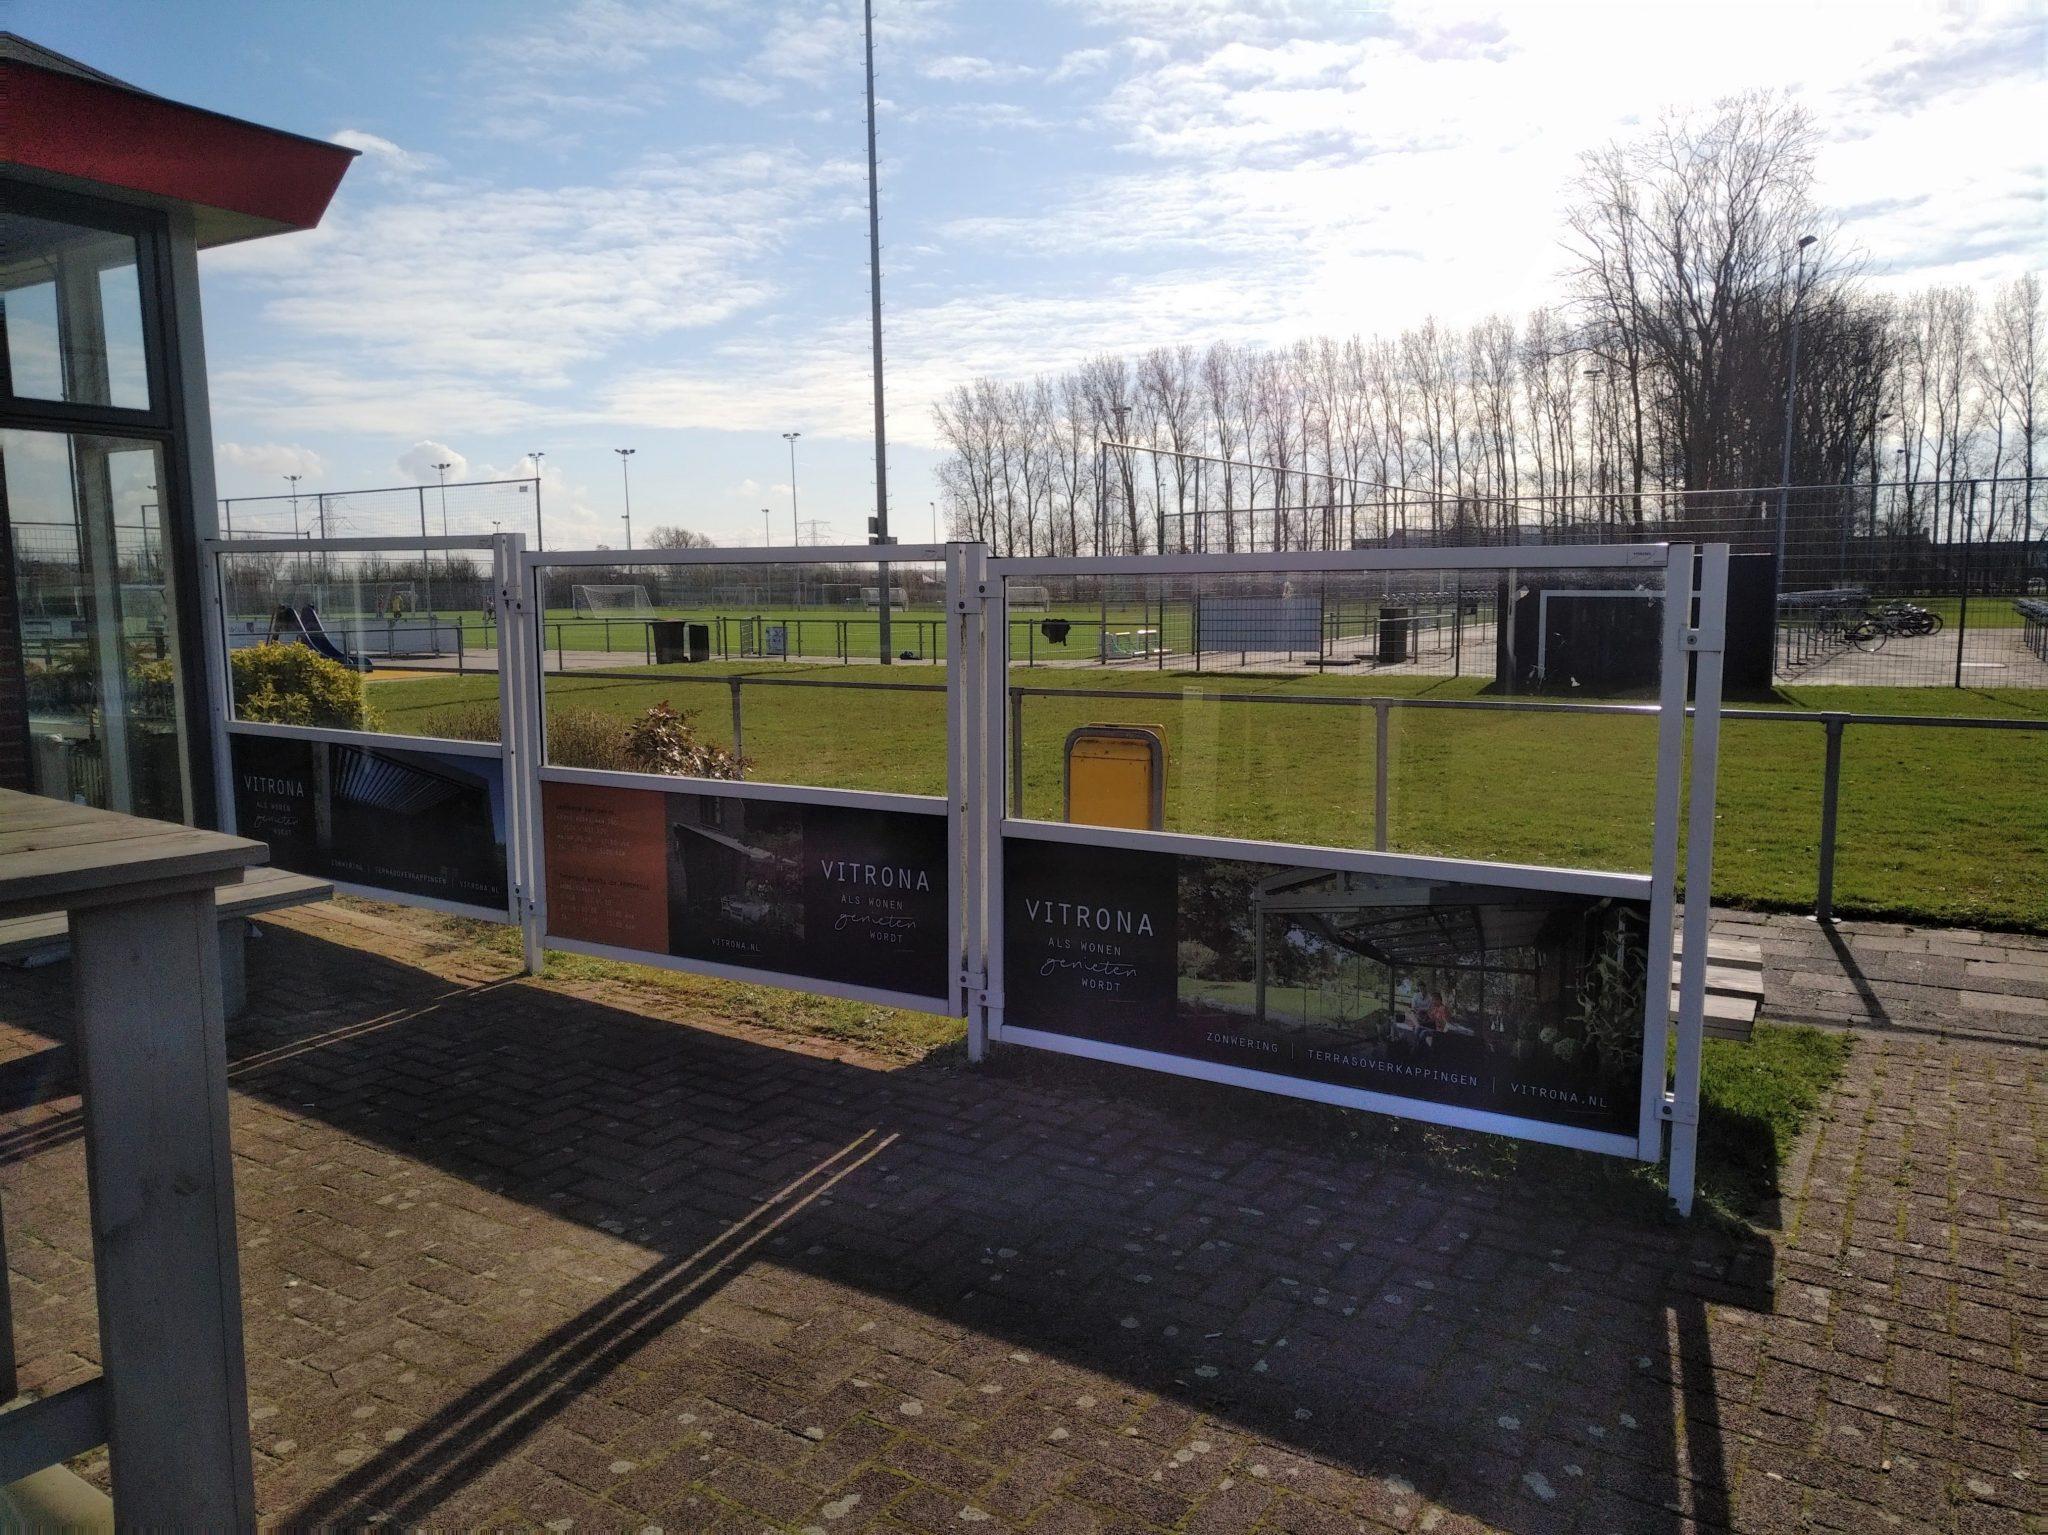 Vitrona denkt mee met de schermen op het terras en wordt tevens sponsor vv Naaldwijk